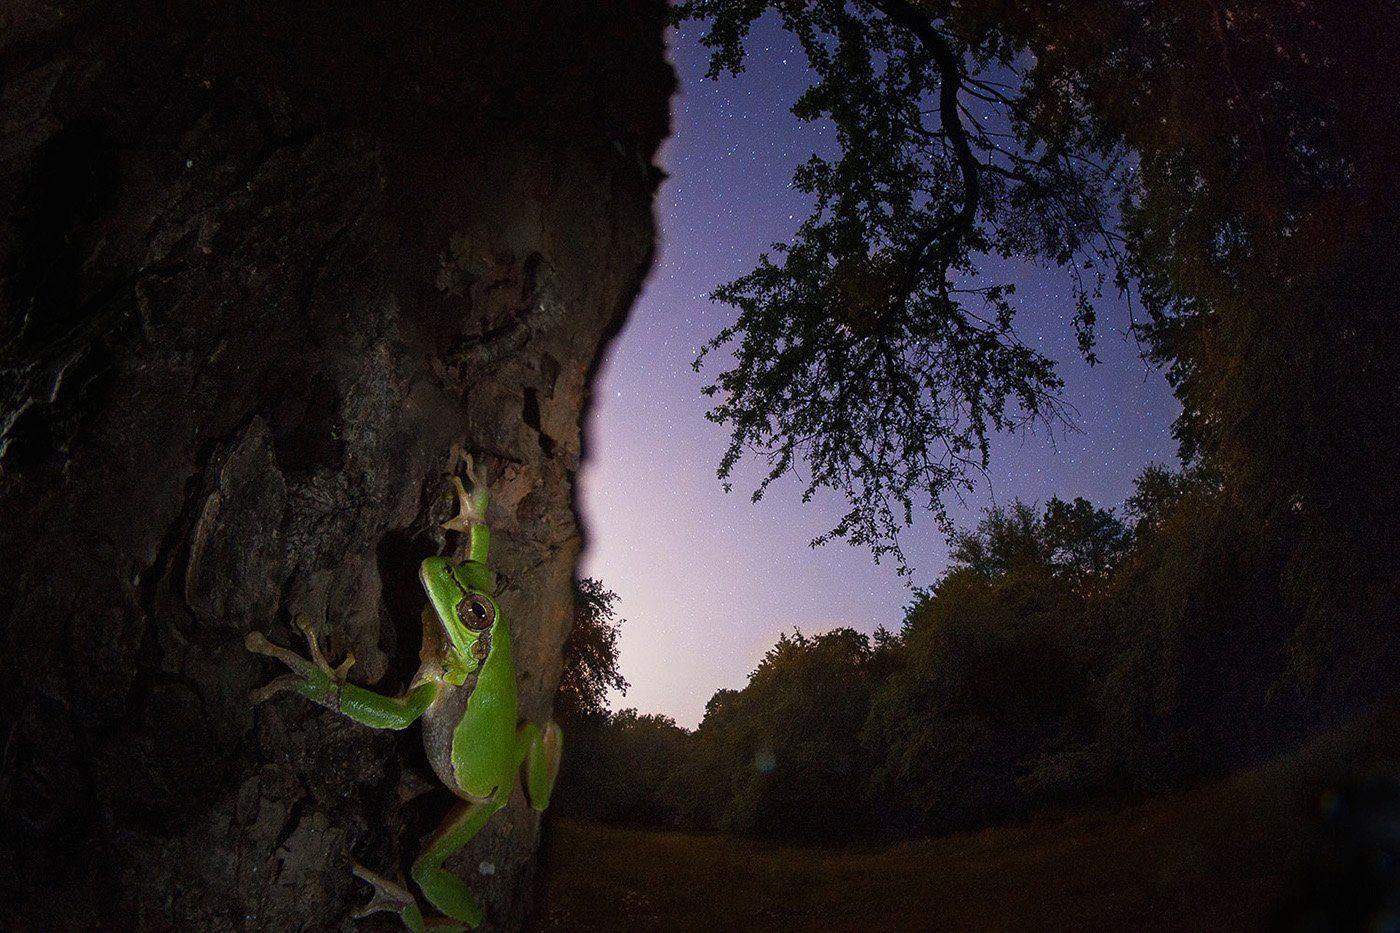 квакша, ночь, звезды, дерево, лягушка, Никифоров Егор